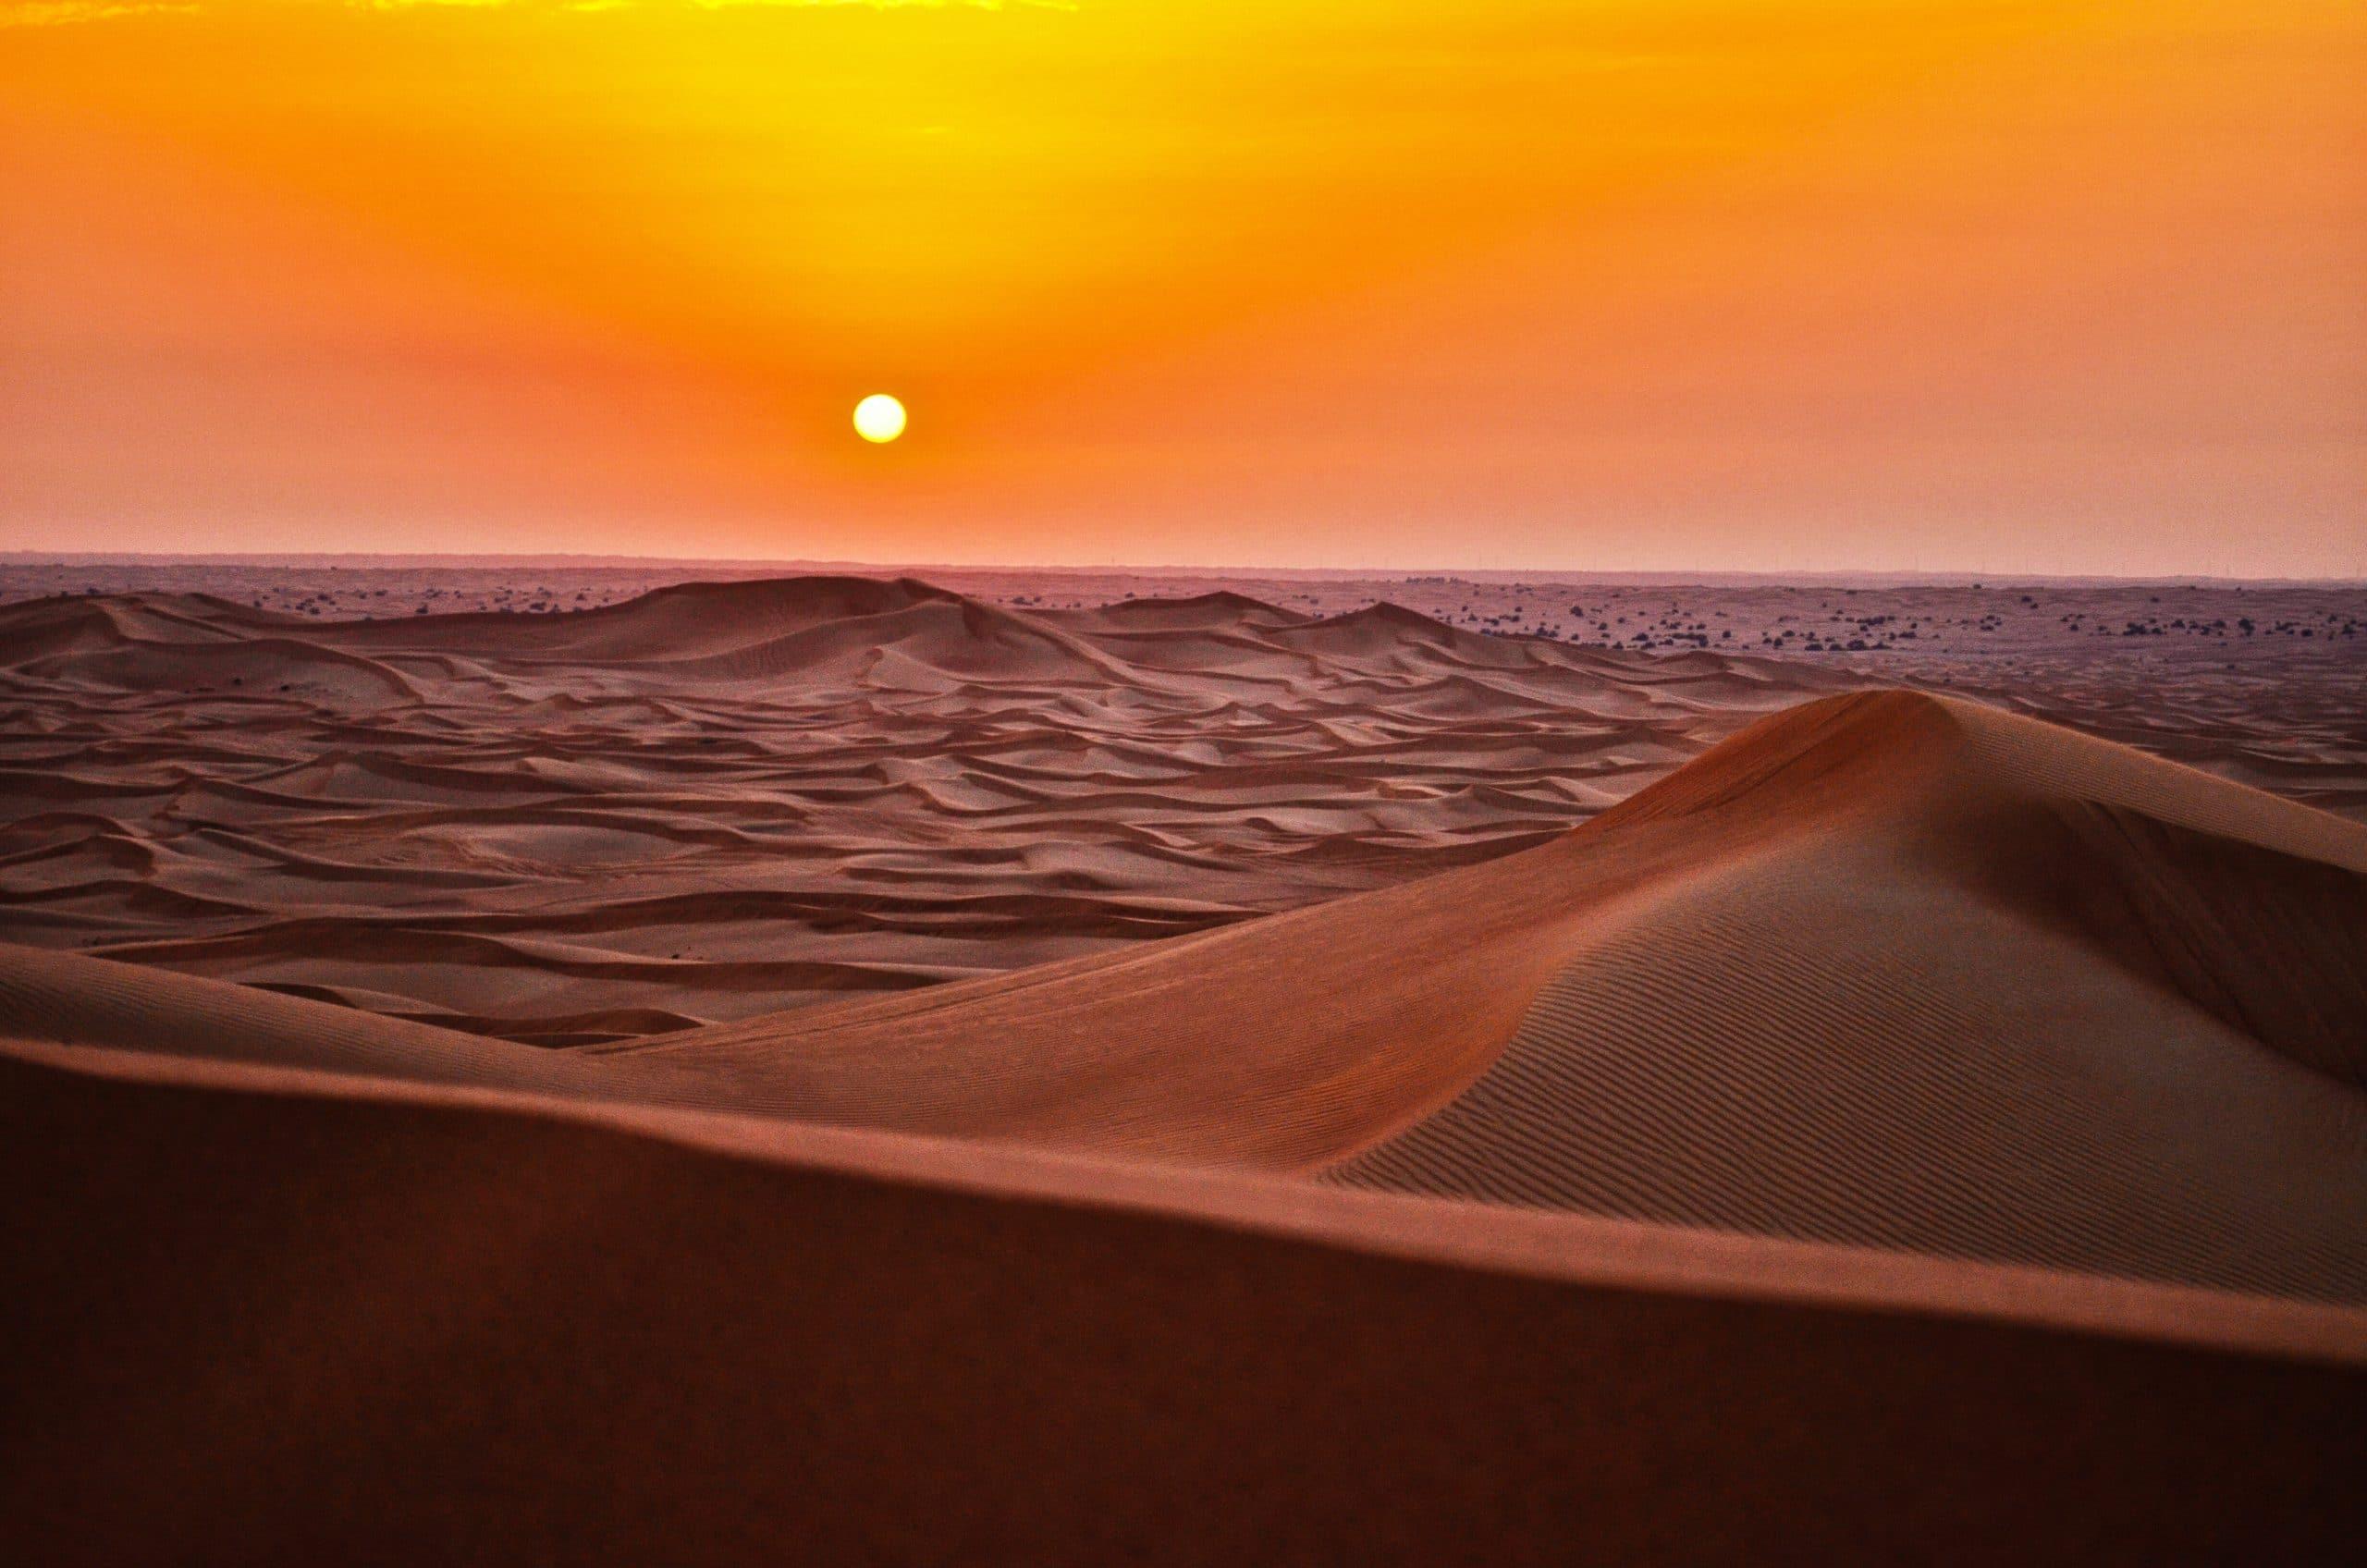 Grandes dunas no deserto recebendo luz e energia do Sol que está ao fundo, no horizonte.